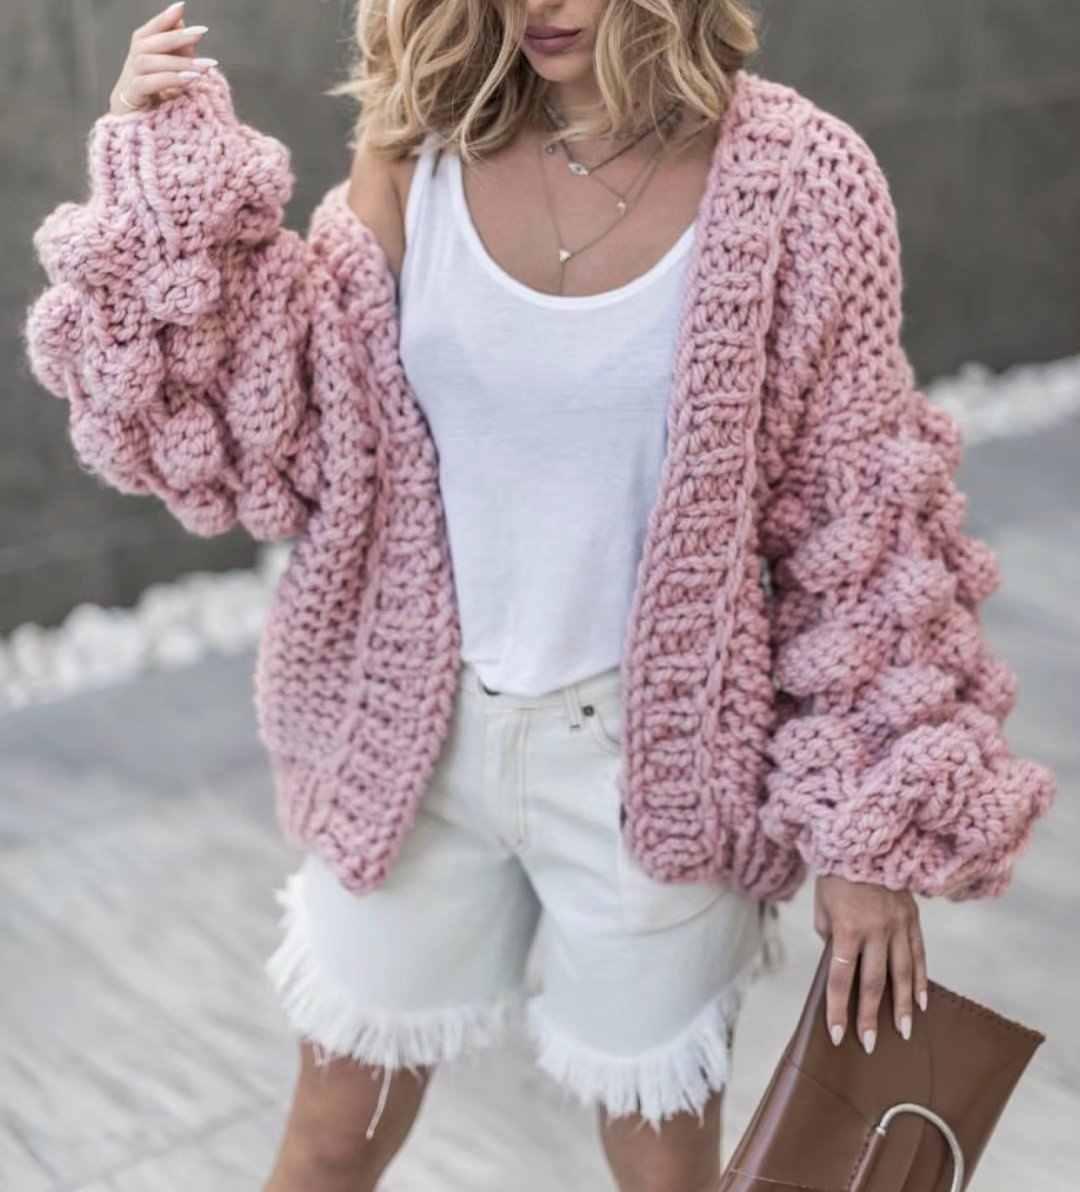 Ручной работы розовый грубой вязаный свитер Женский Уличная зимние фонари рукав кардиган пальто вязаный Повседневный теплый шаль свитера